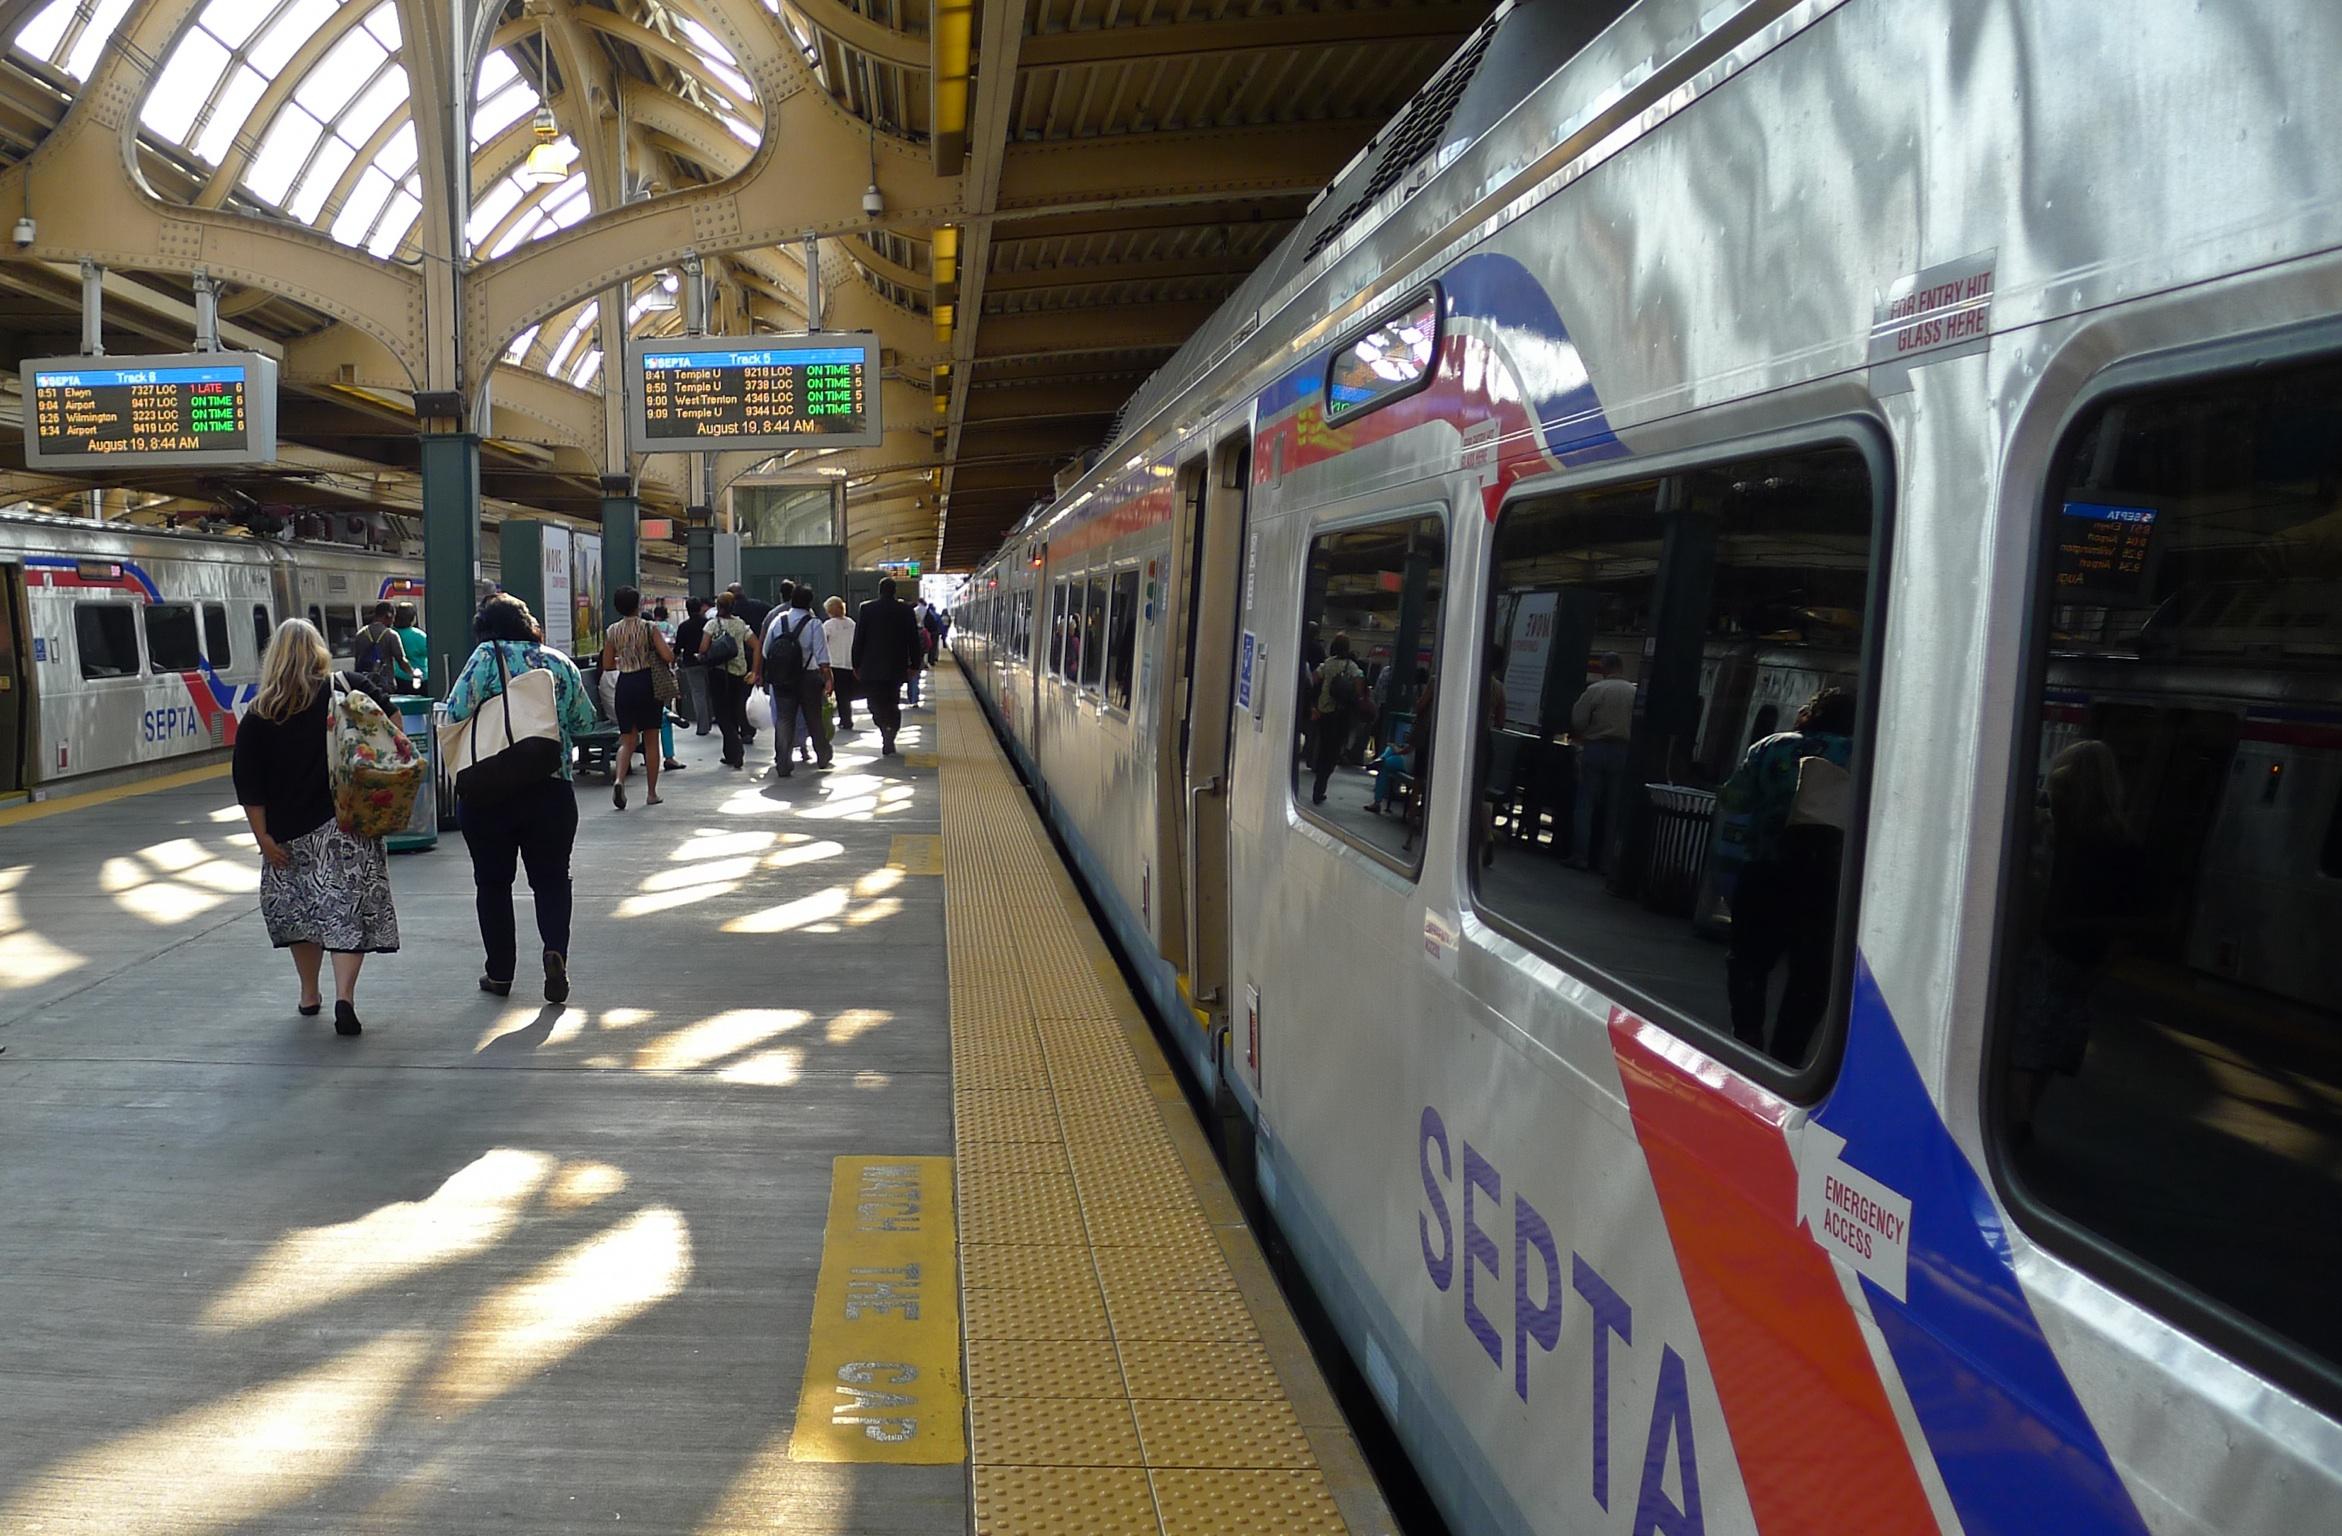 Passengers boarding a SEPTA train in Philadelphia